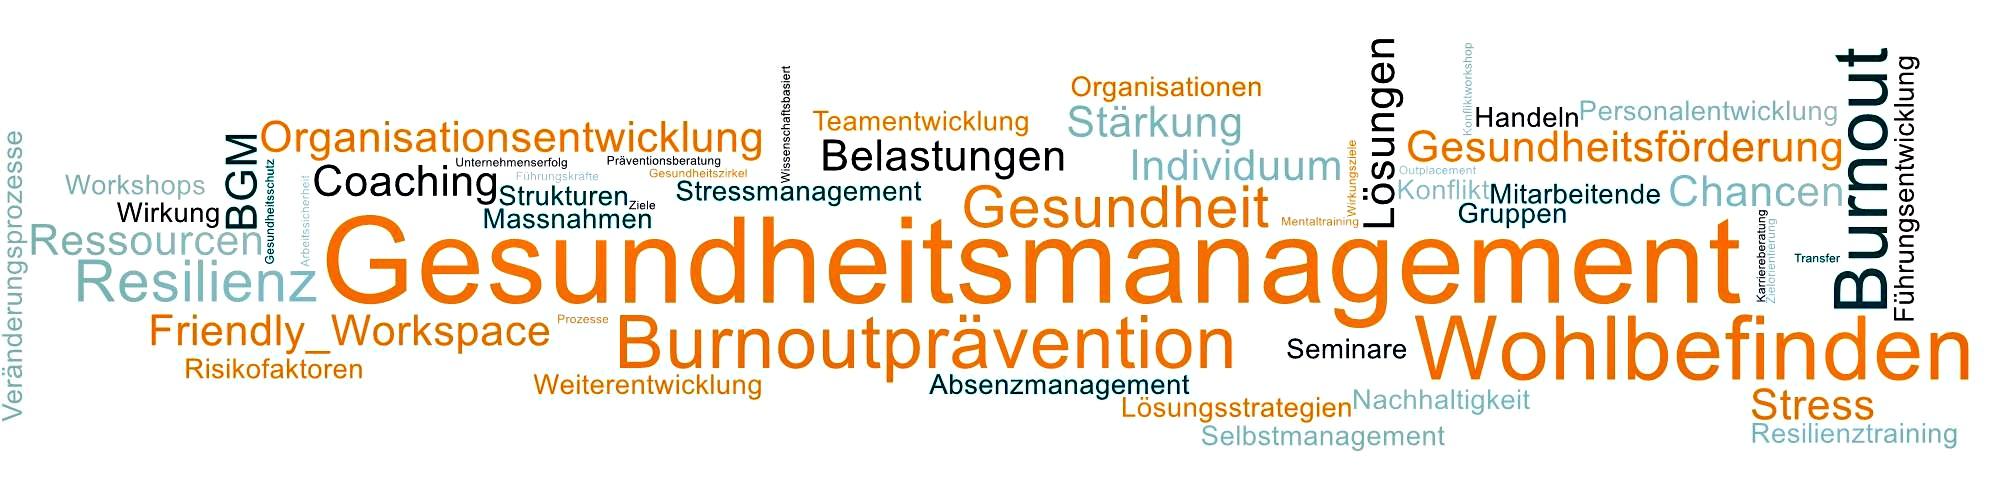 Betriebliches Gesundheitsmanagement und Gesundheitsförderung